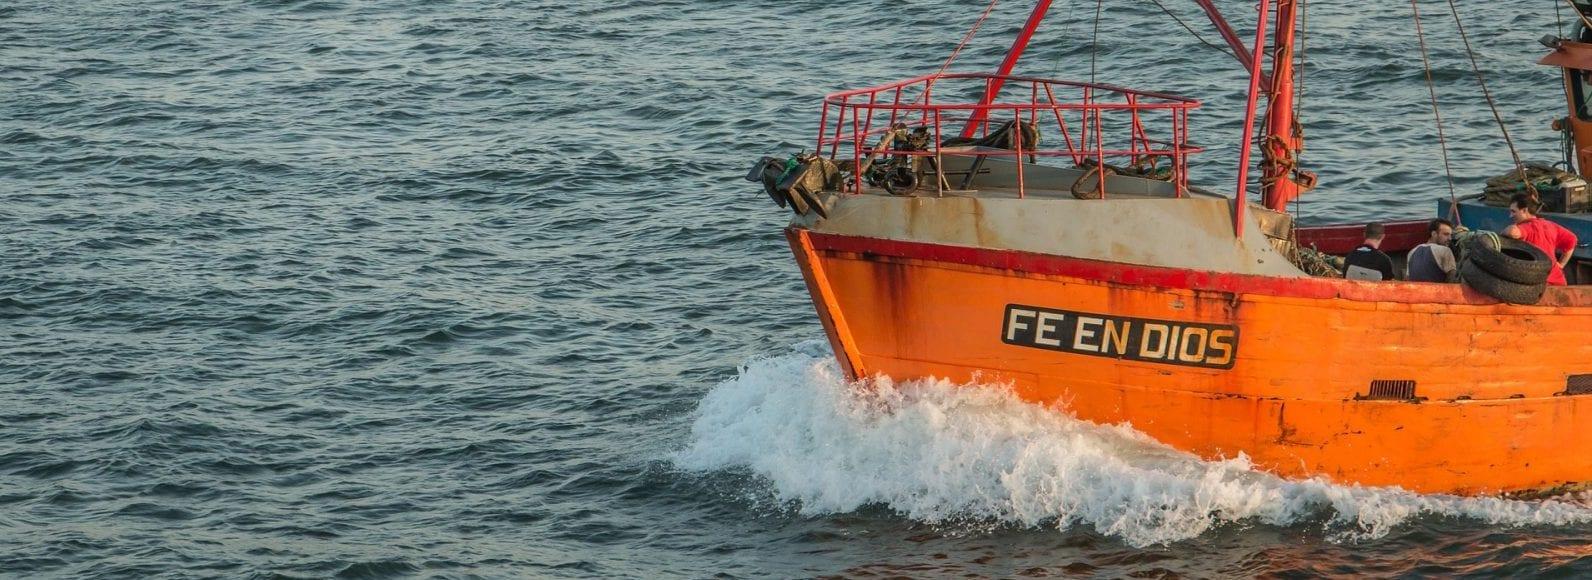 Oficinas cerradas: las dificultades para obtener la libreta de embarco complica el recambio de tripulantes